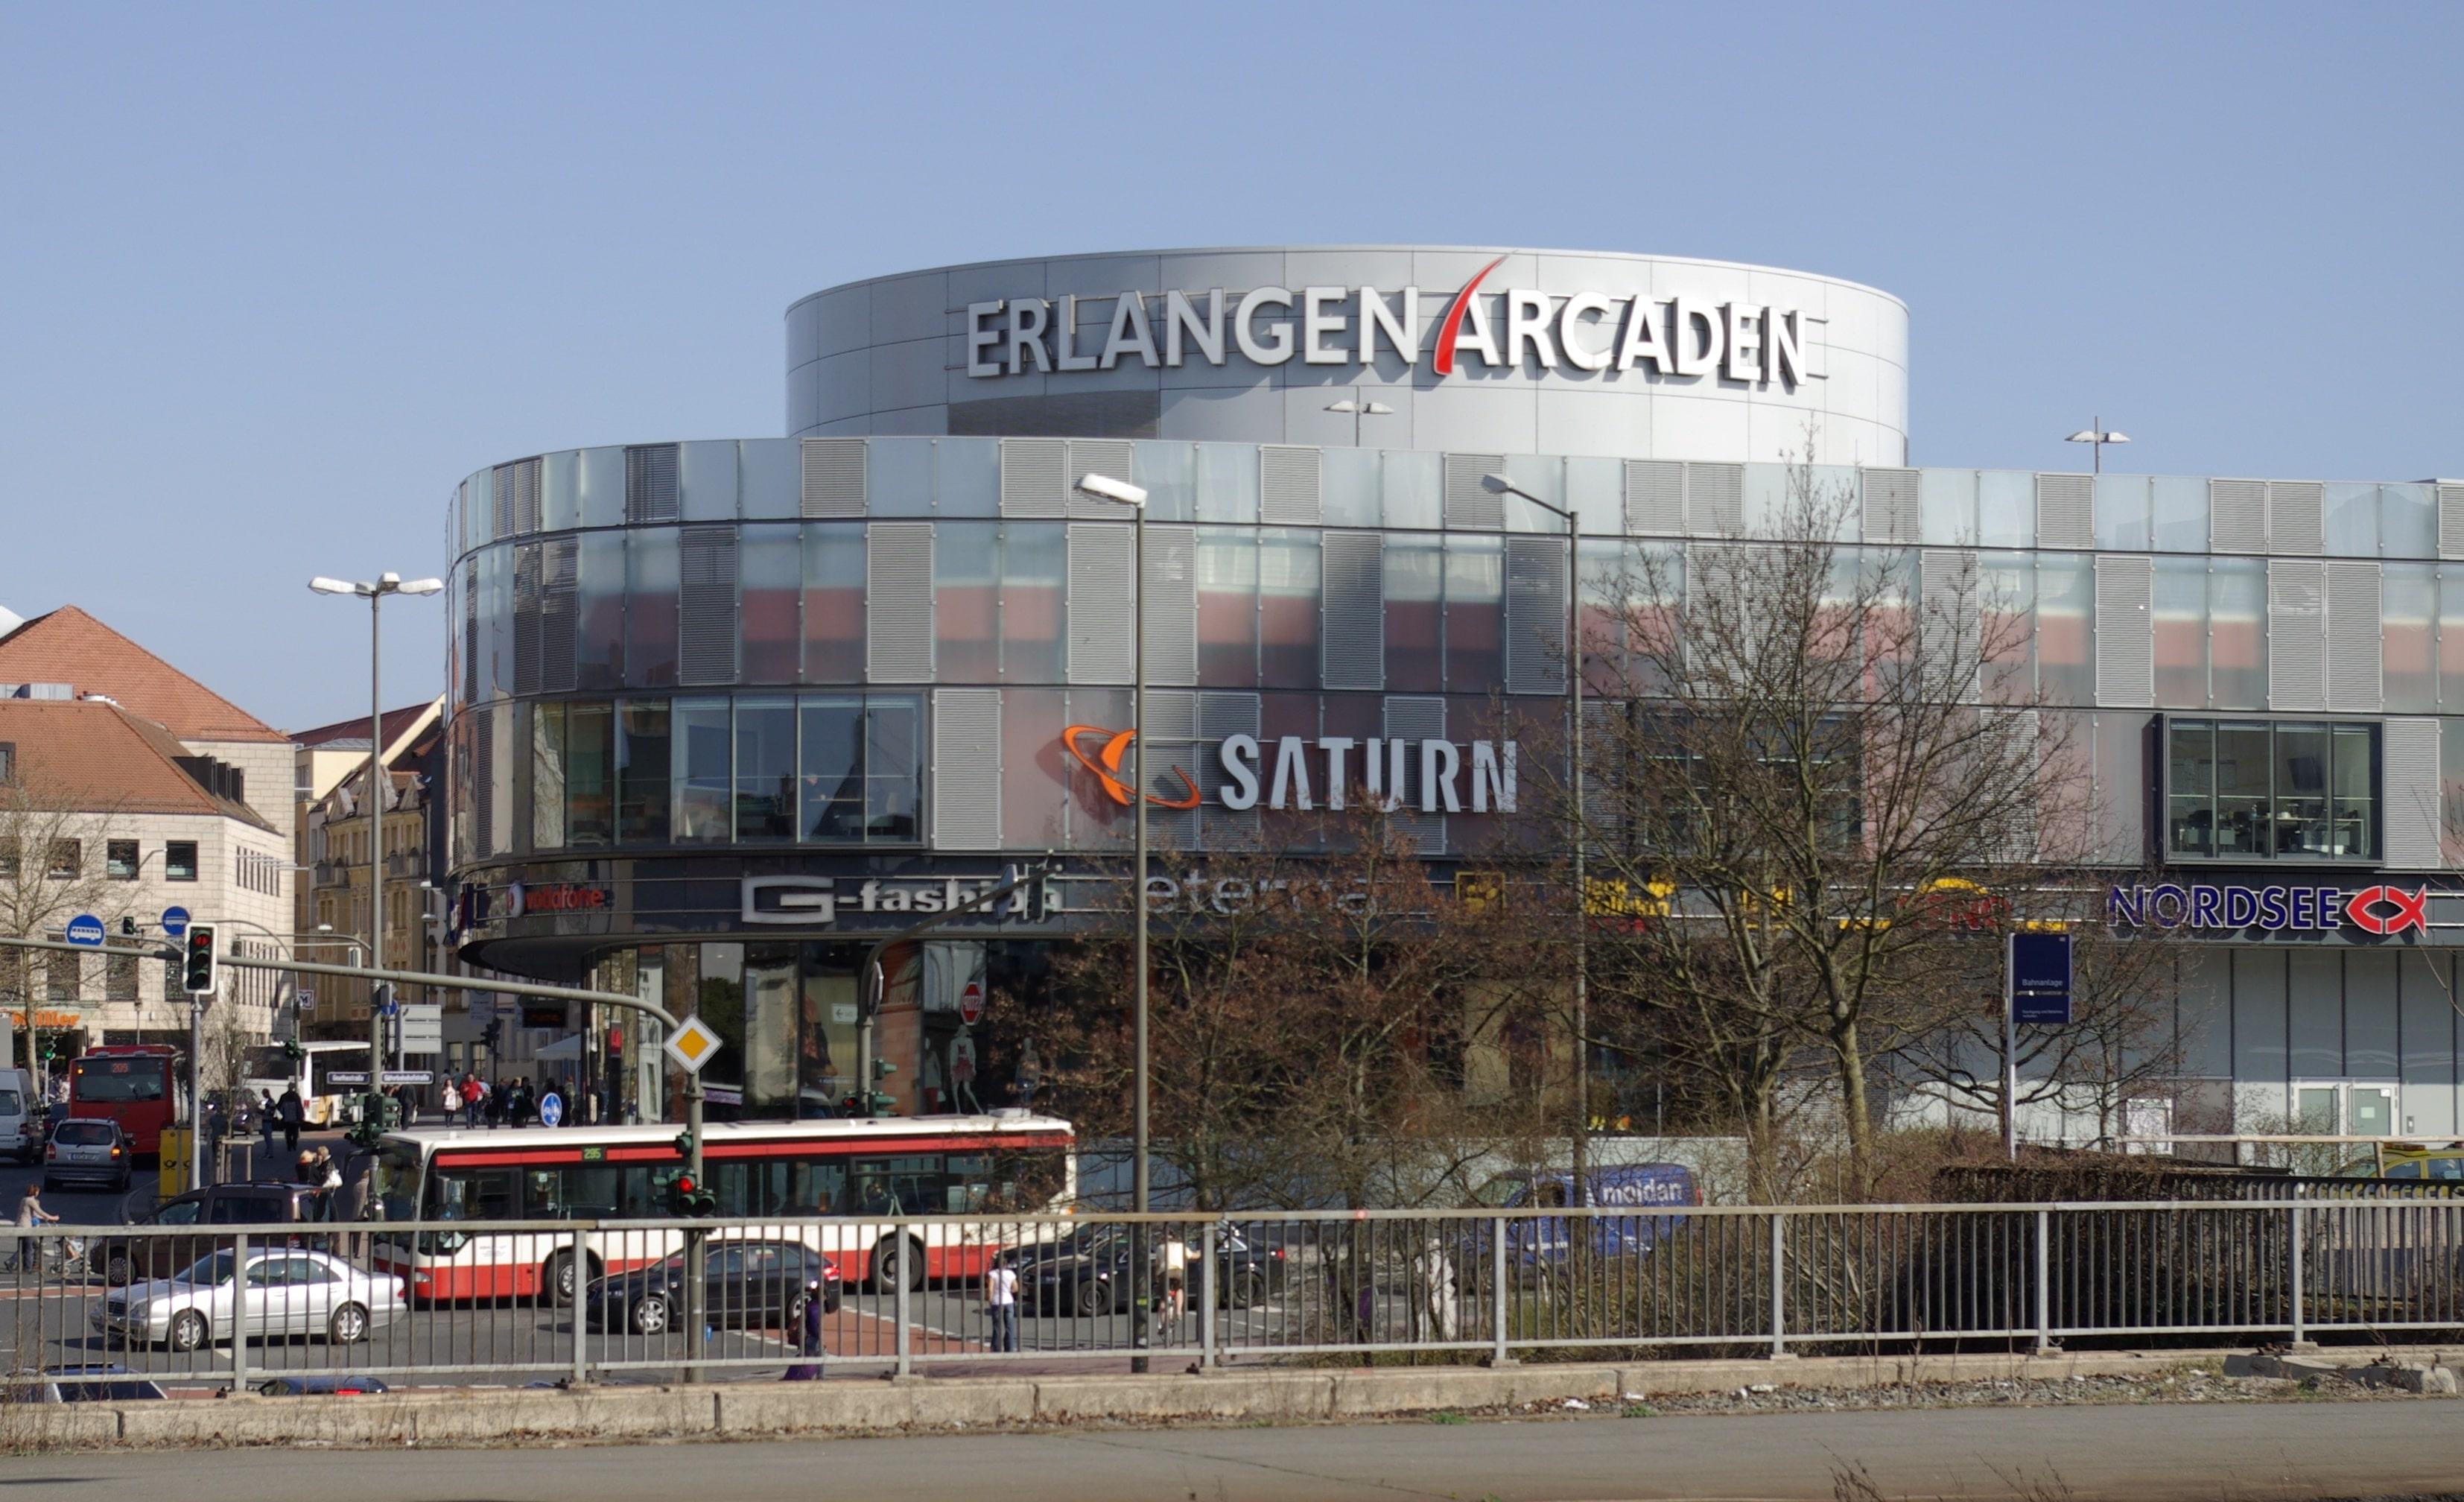 Marktplatz Arcarden Erlangen